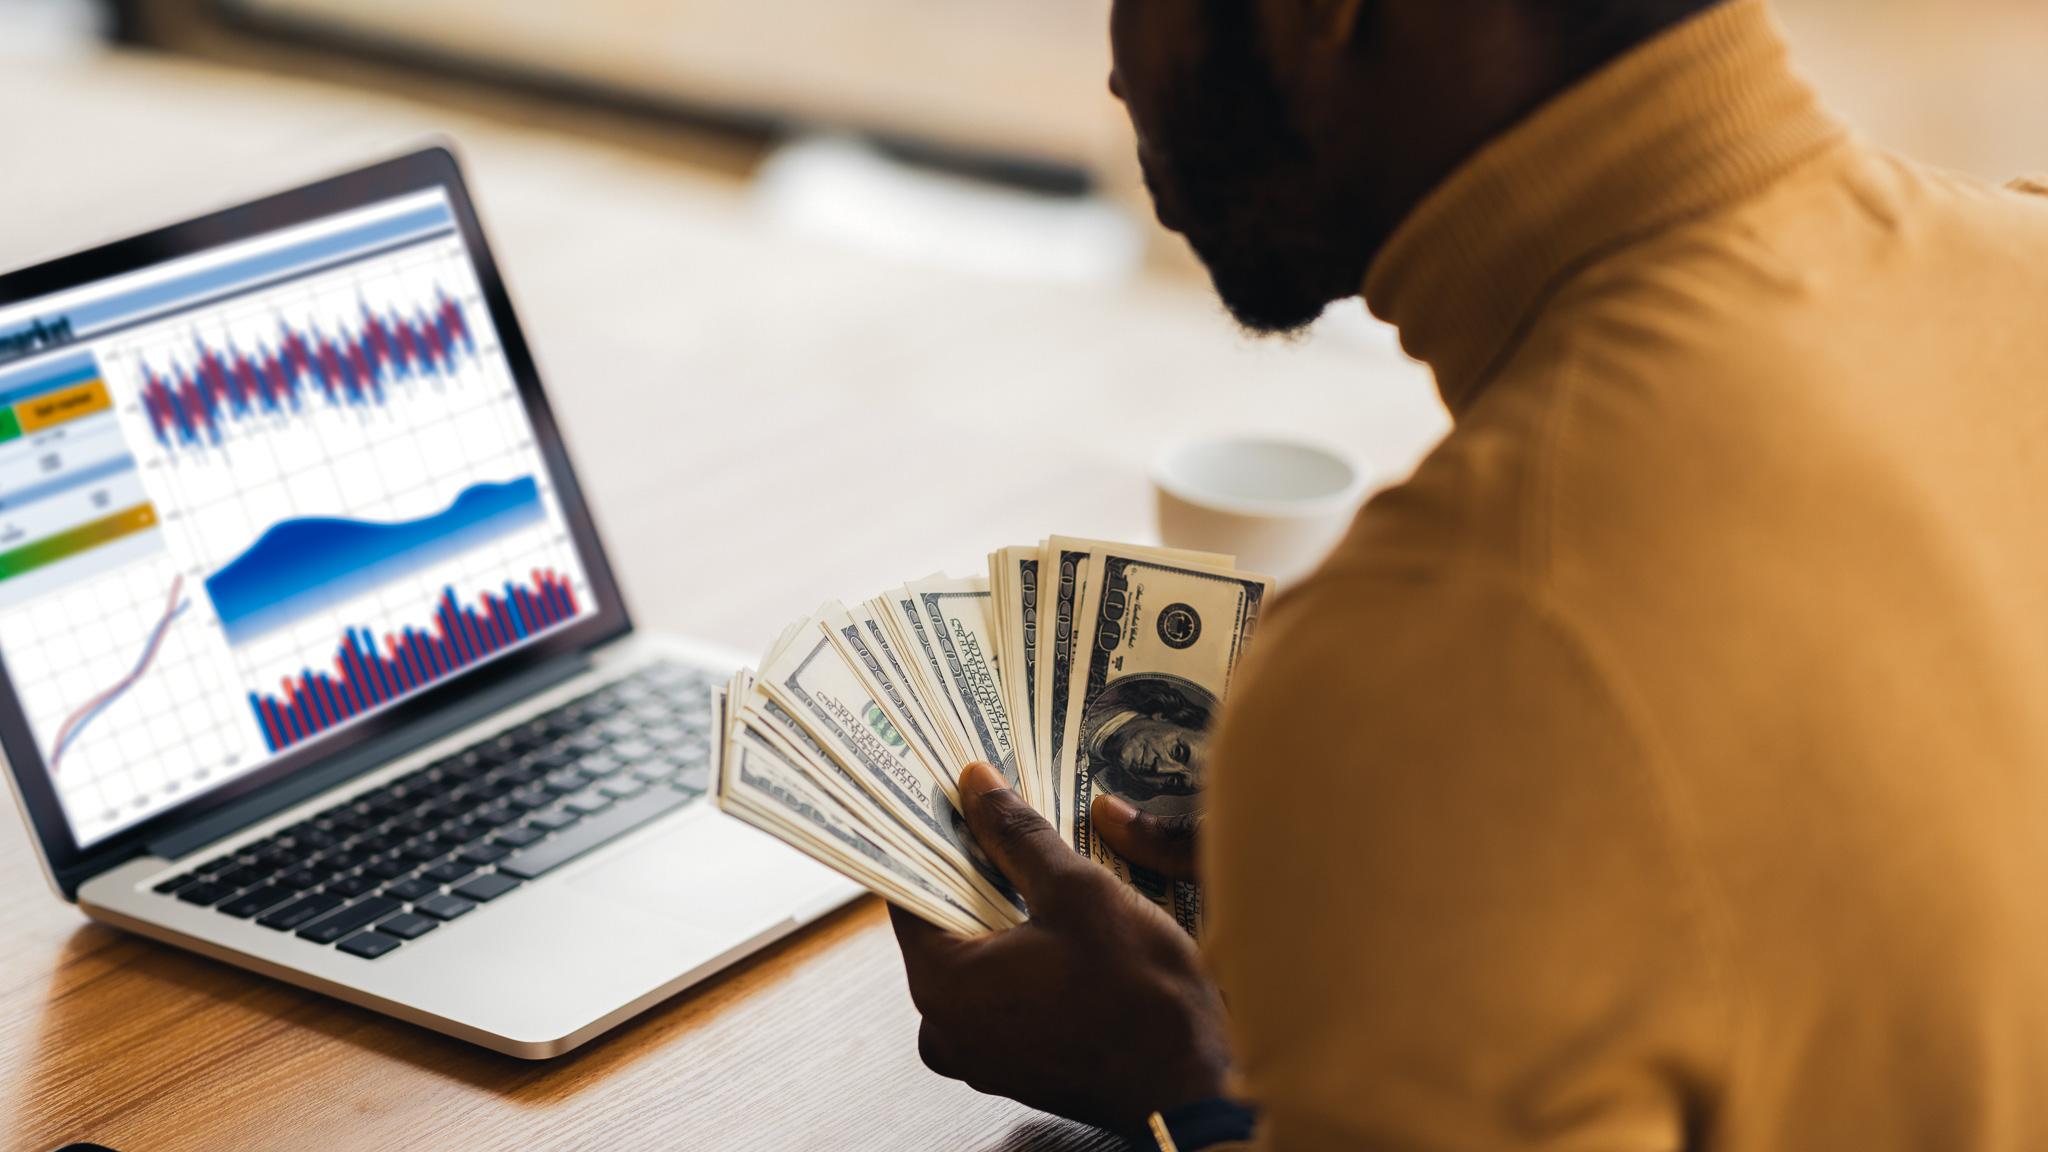 Wyniki badania 80% wzrost wydatków na content marketing w 2020 content MEDIARUN Facet Pieniadze Komputer 2020 v1